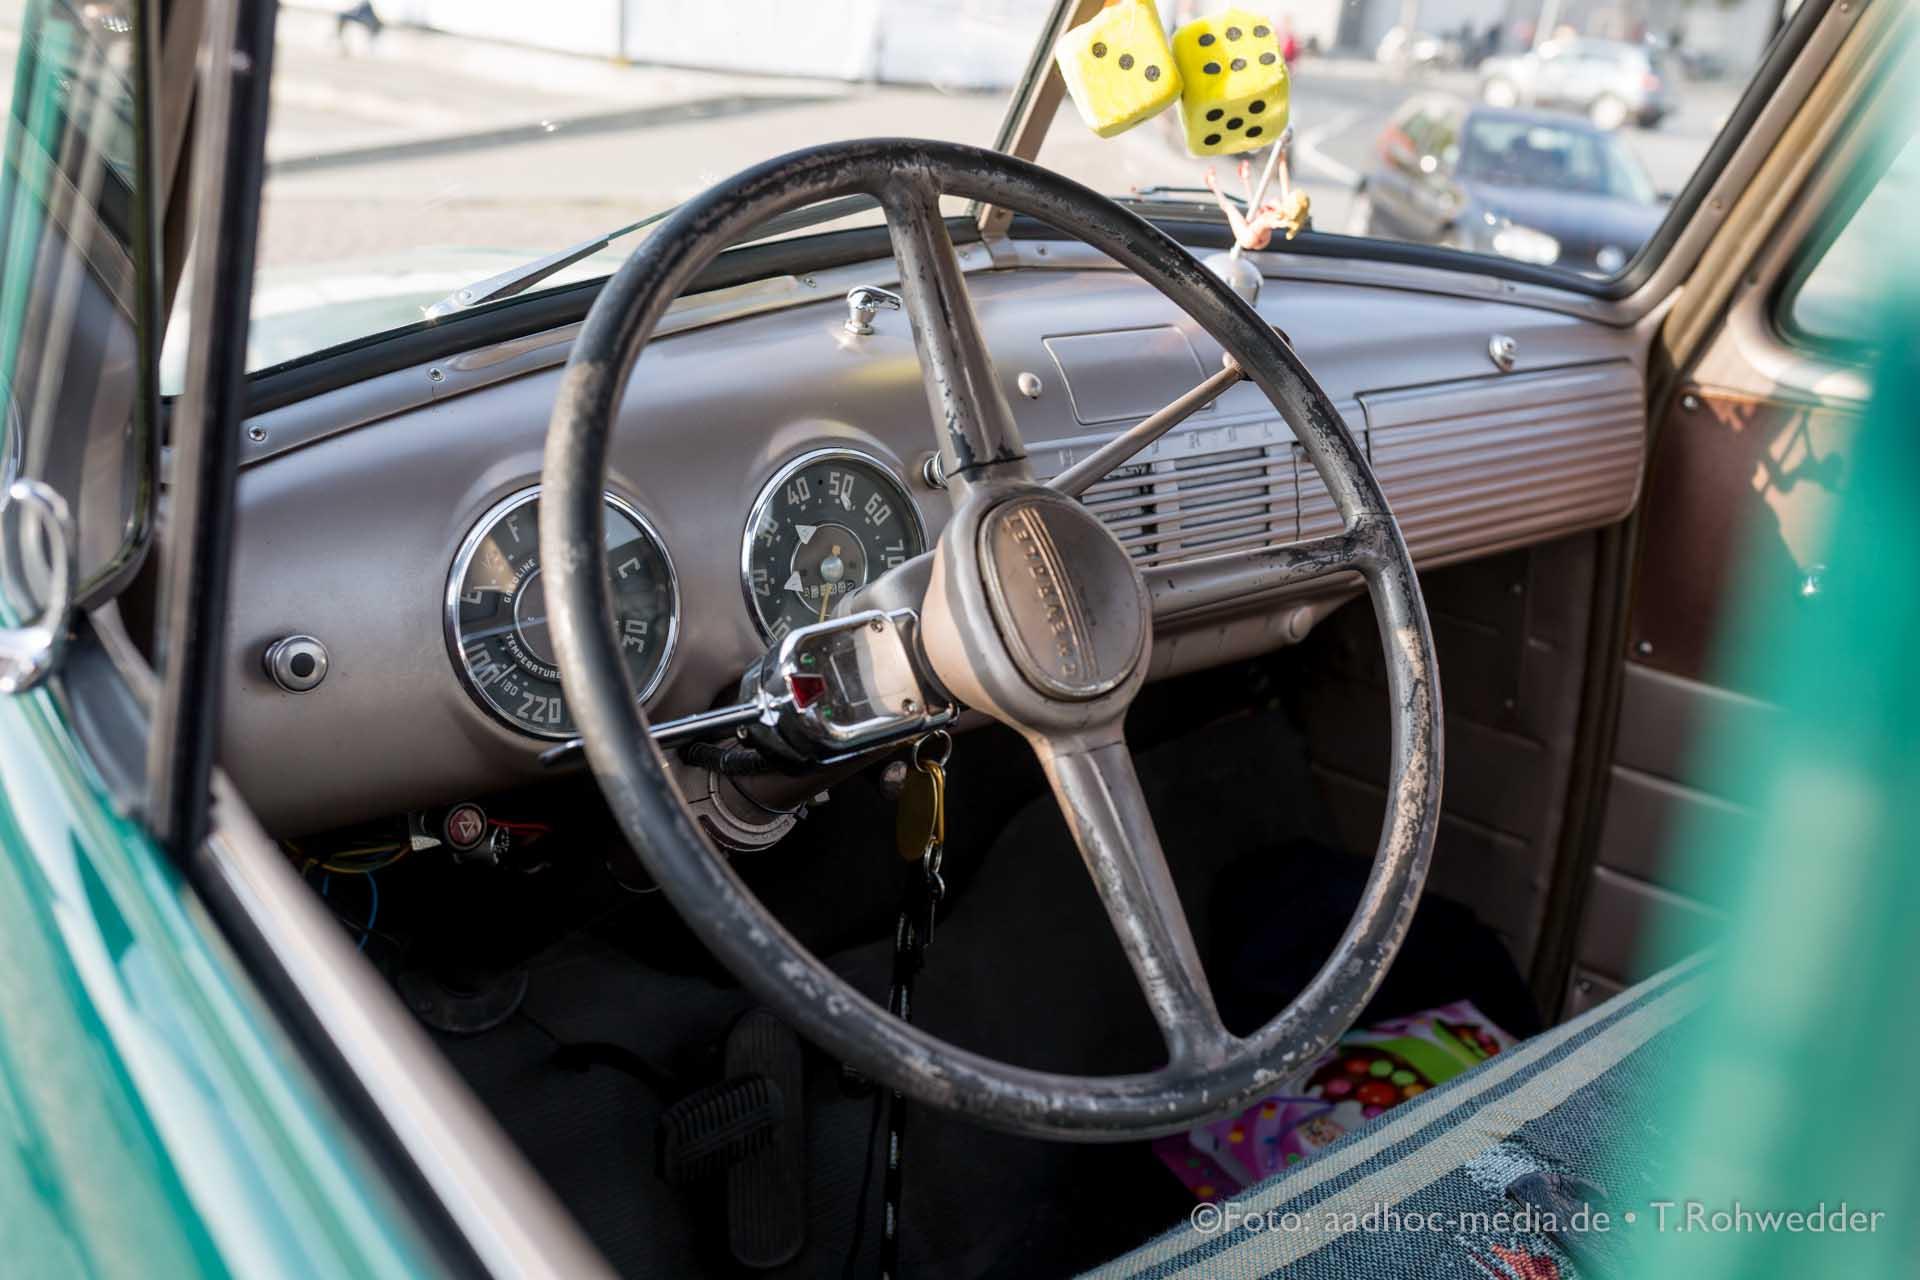 Oldtimer - Chevrolet 3100 Cockpit - Bauern- und Regionalmarkt Kiel